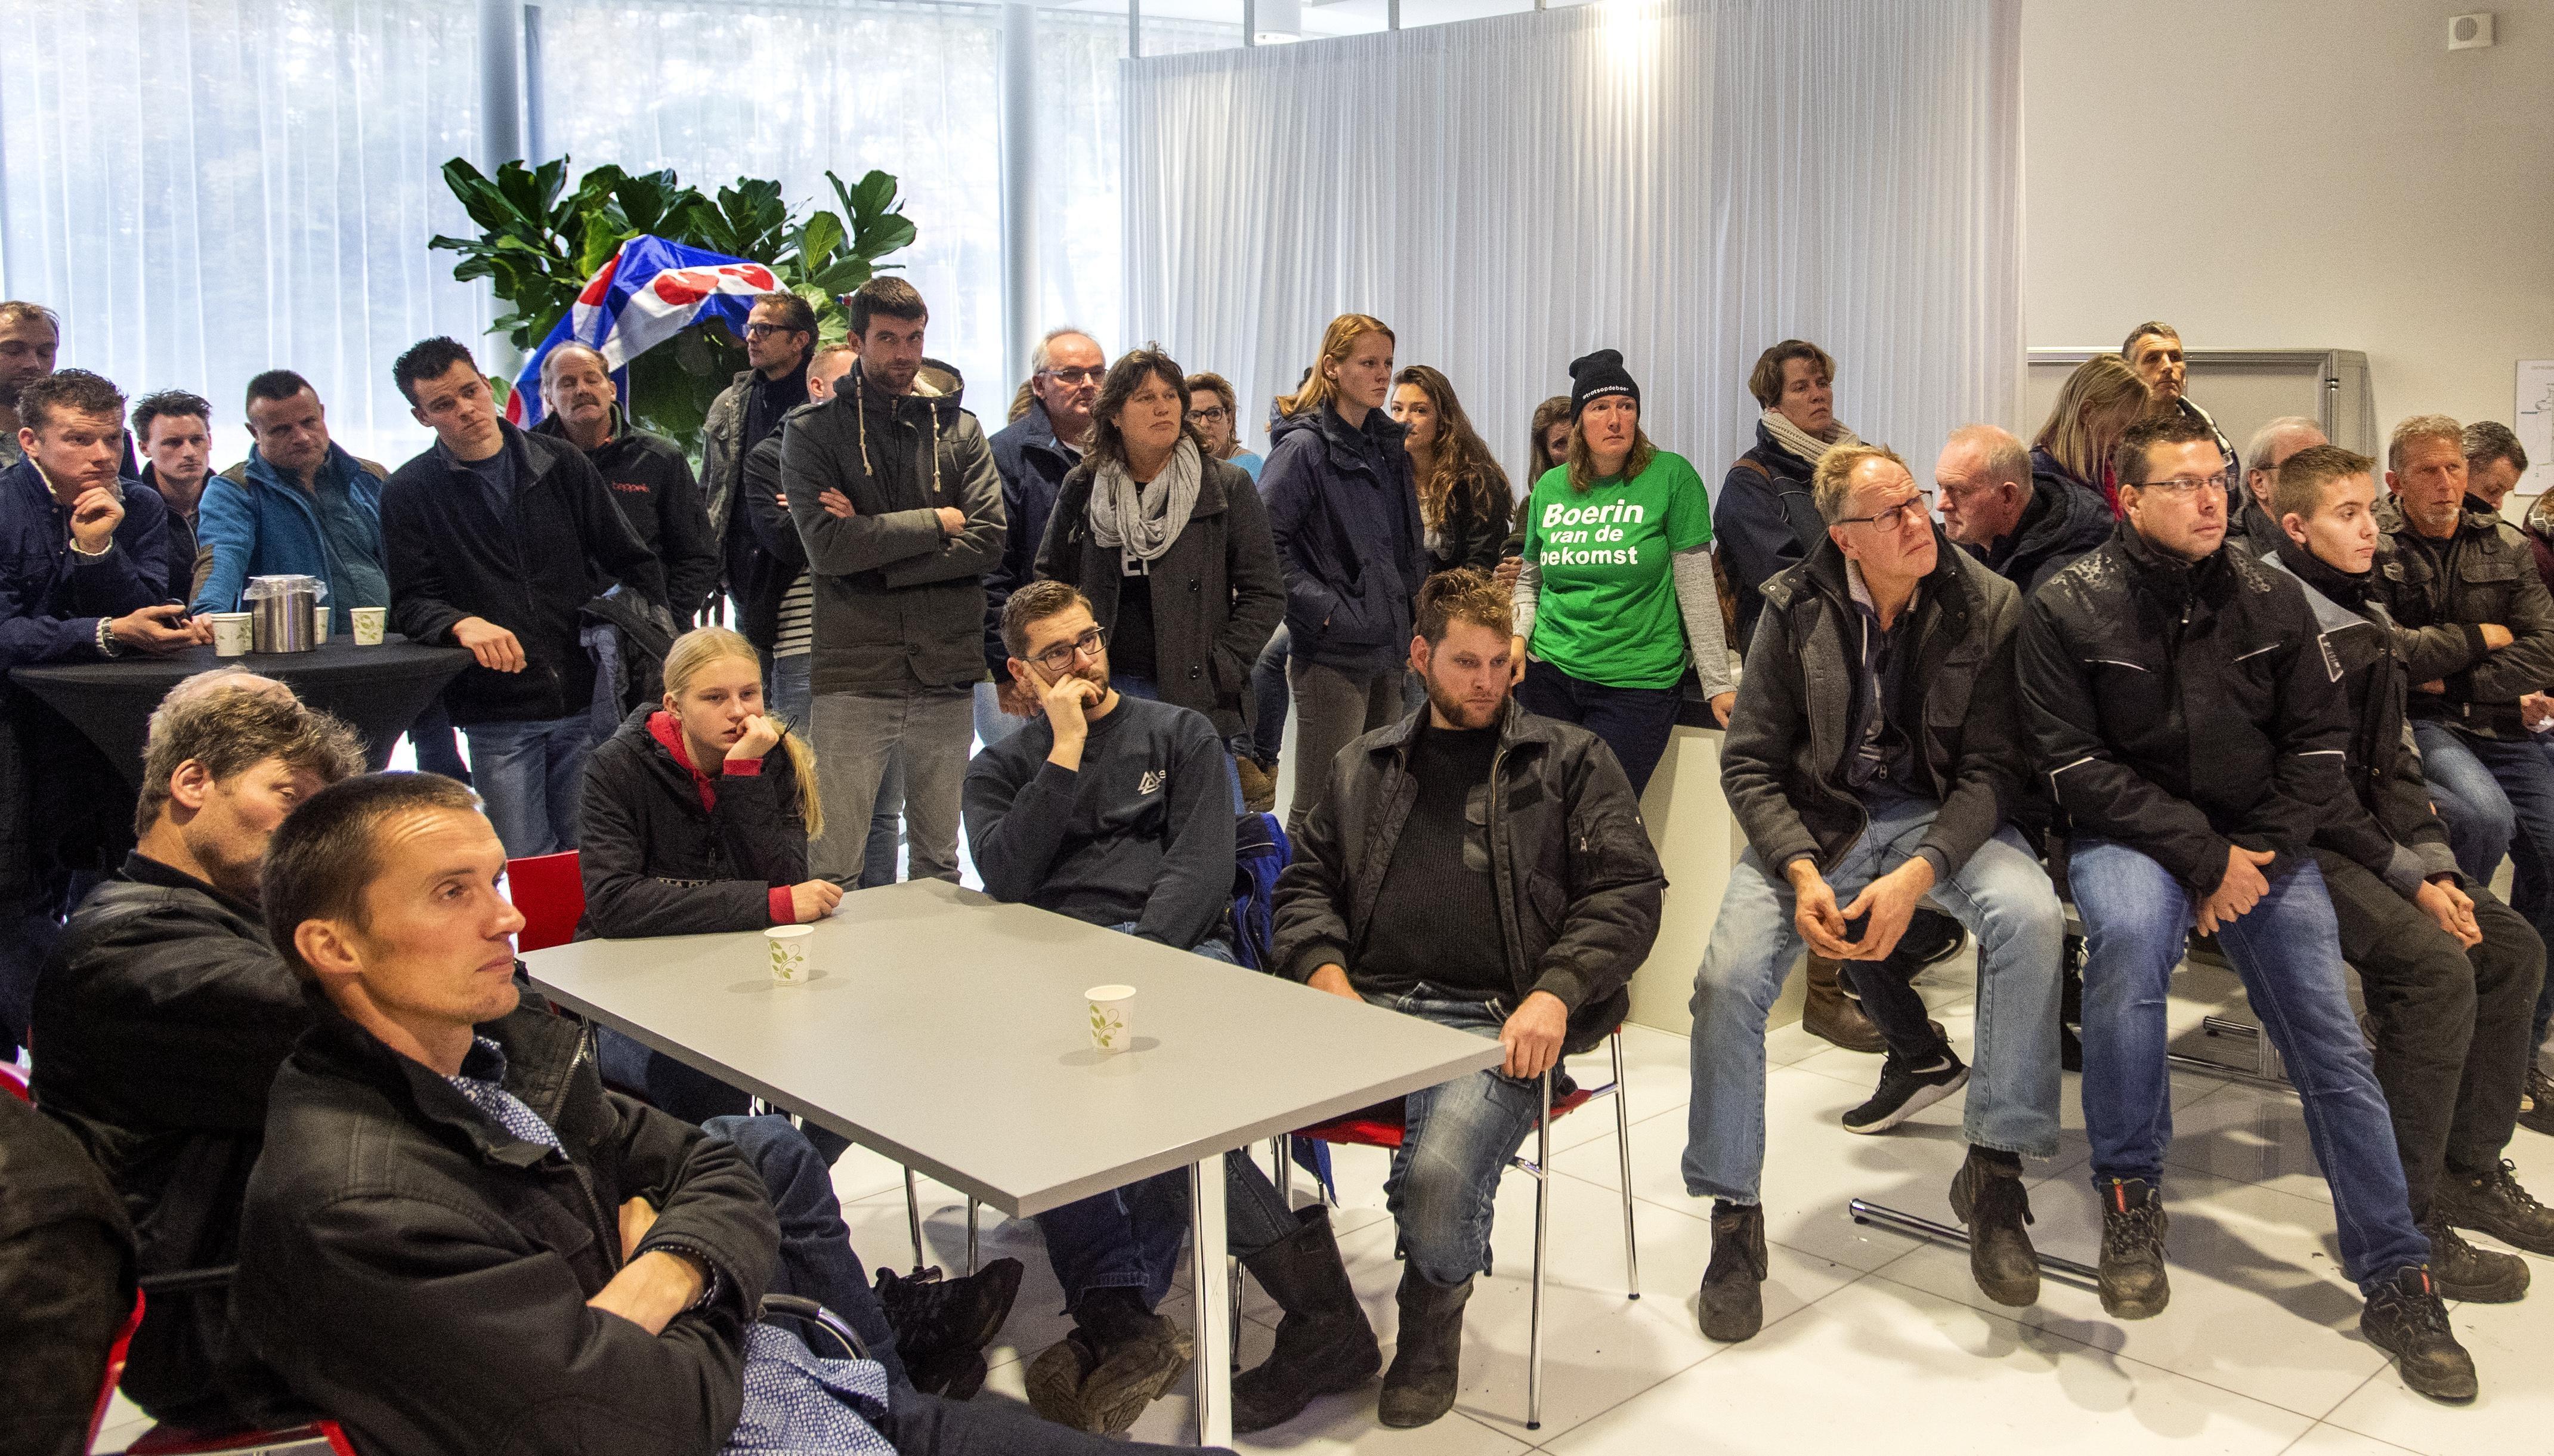 Boer vangt weer bot in Haarlem: nieuwe acties zijn onderweg - De Gooi- en Eemlander